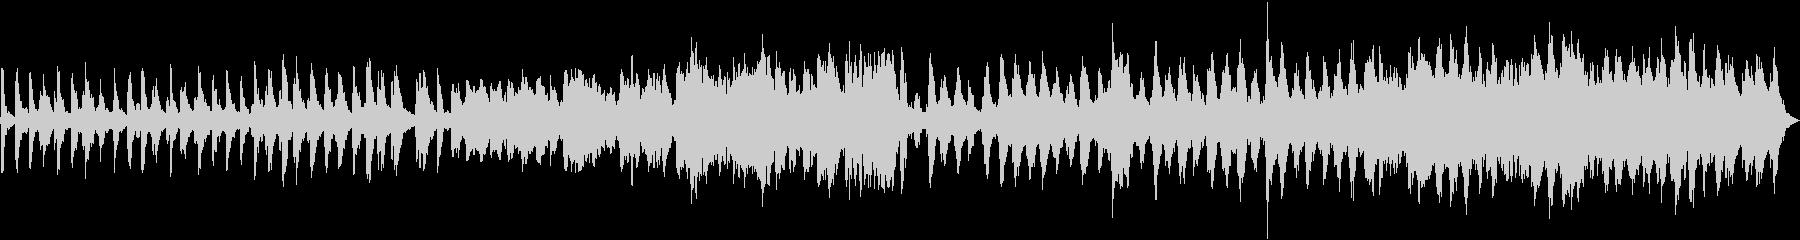 動画のBGMに使える木管ポップな小曲の未再生の波形